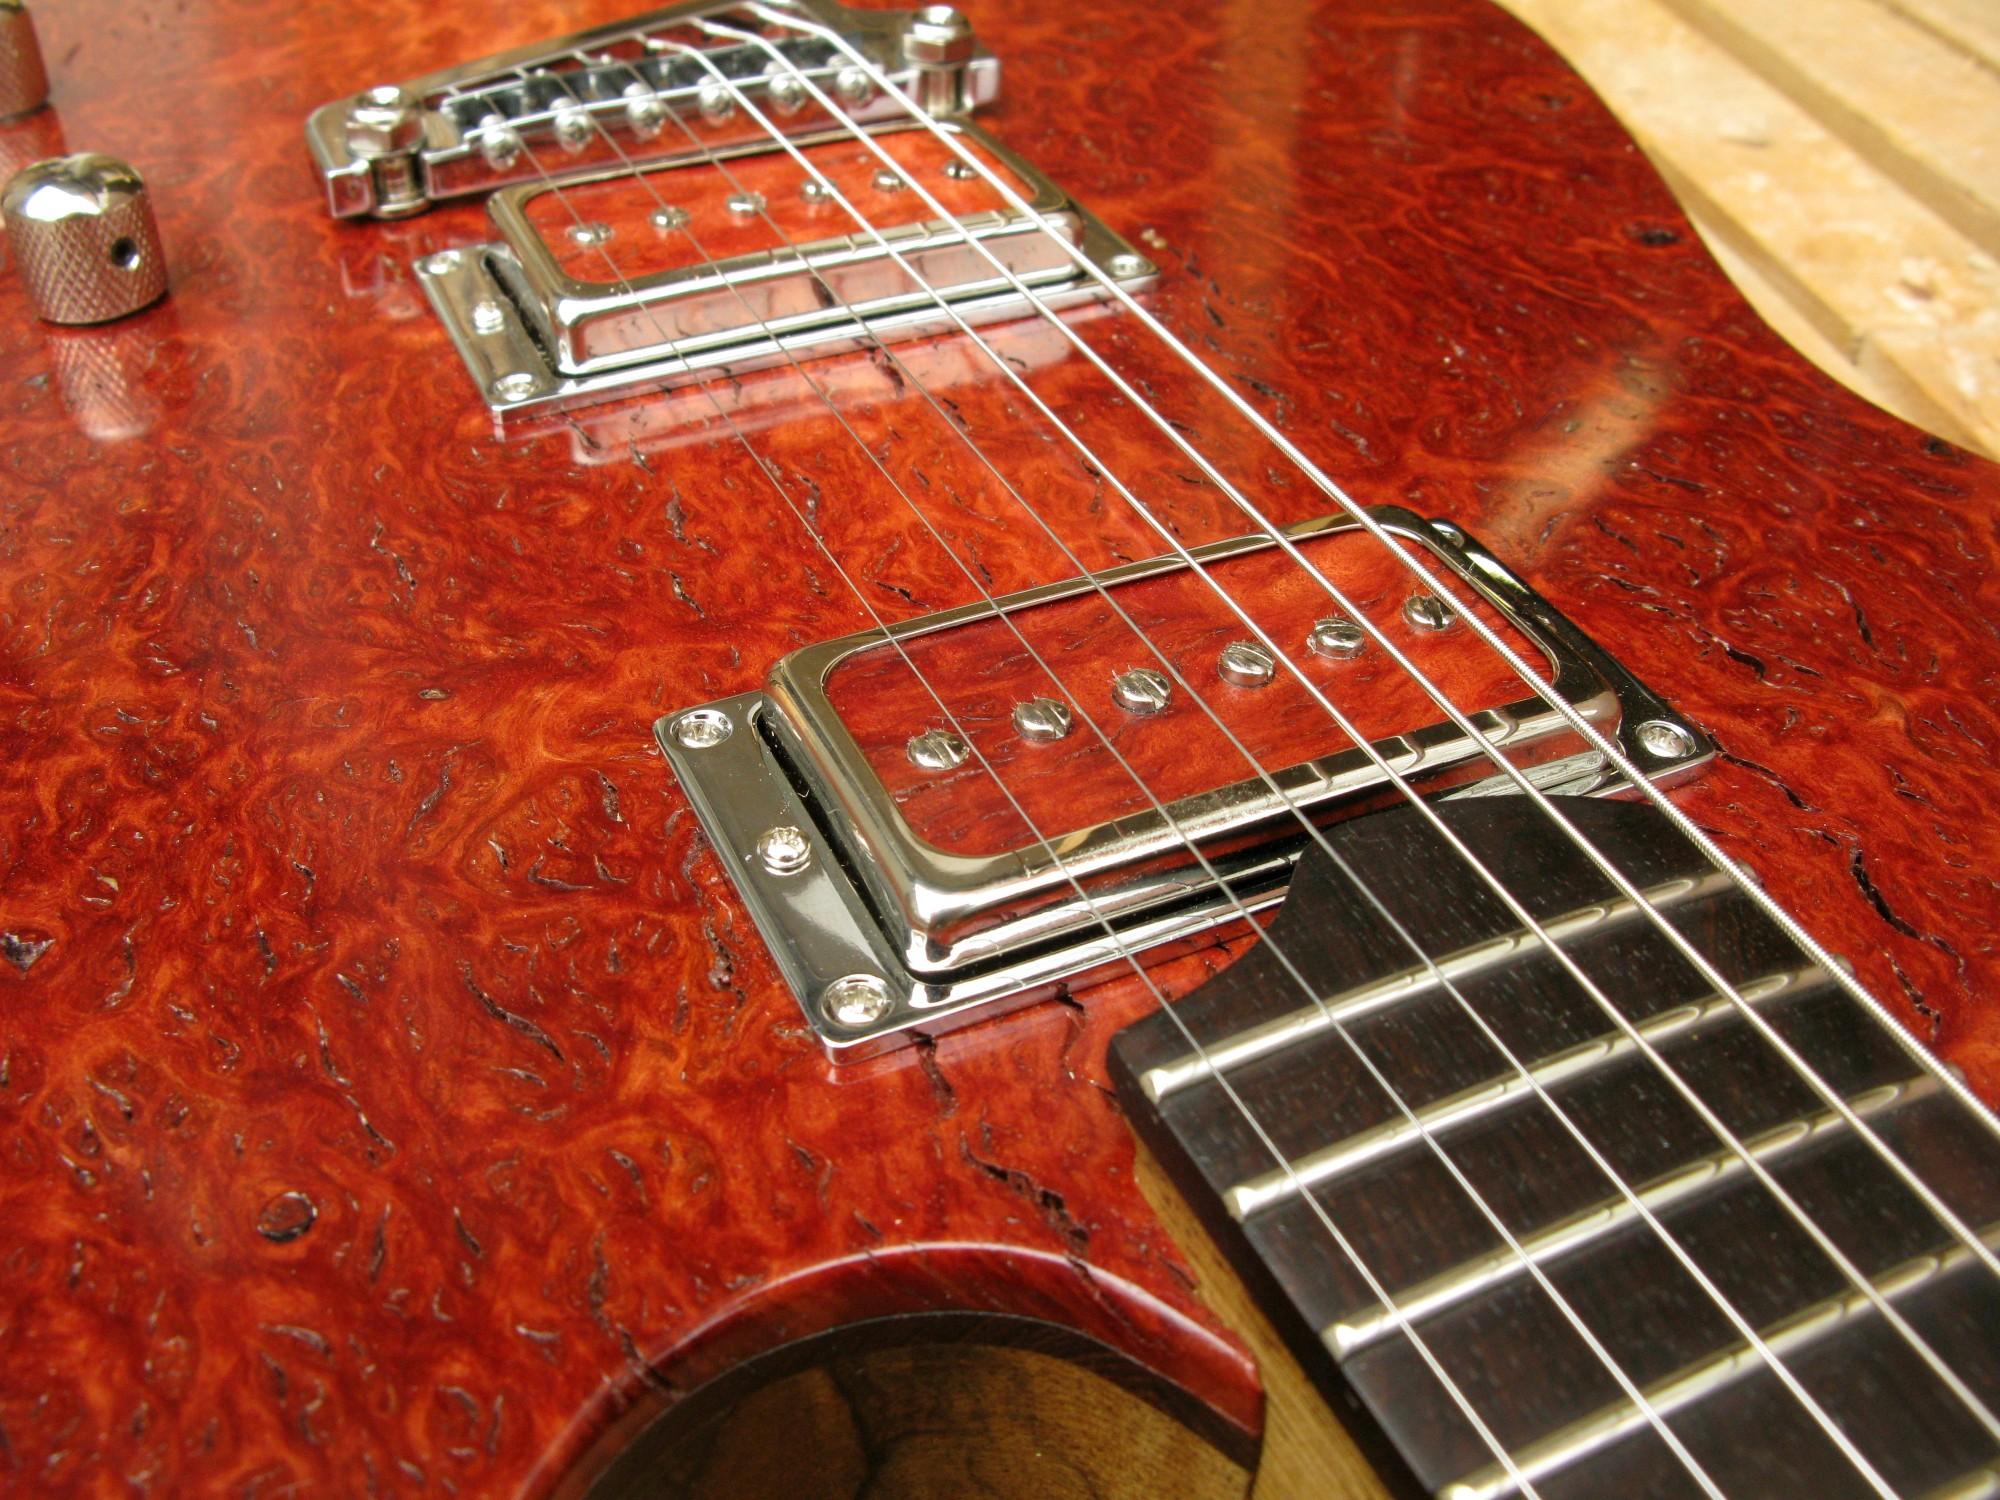 Pickups di una chitarra Telecaster in black korina e top burl red